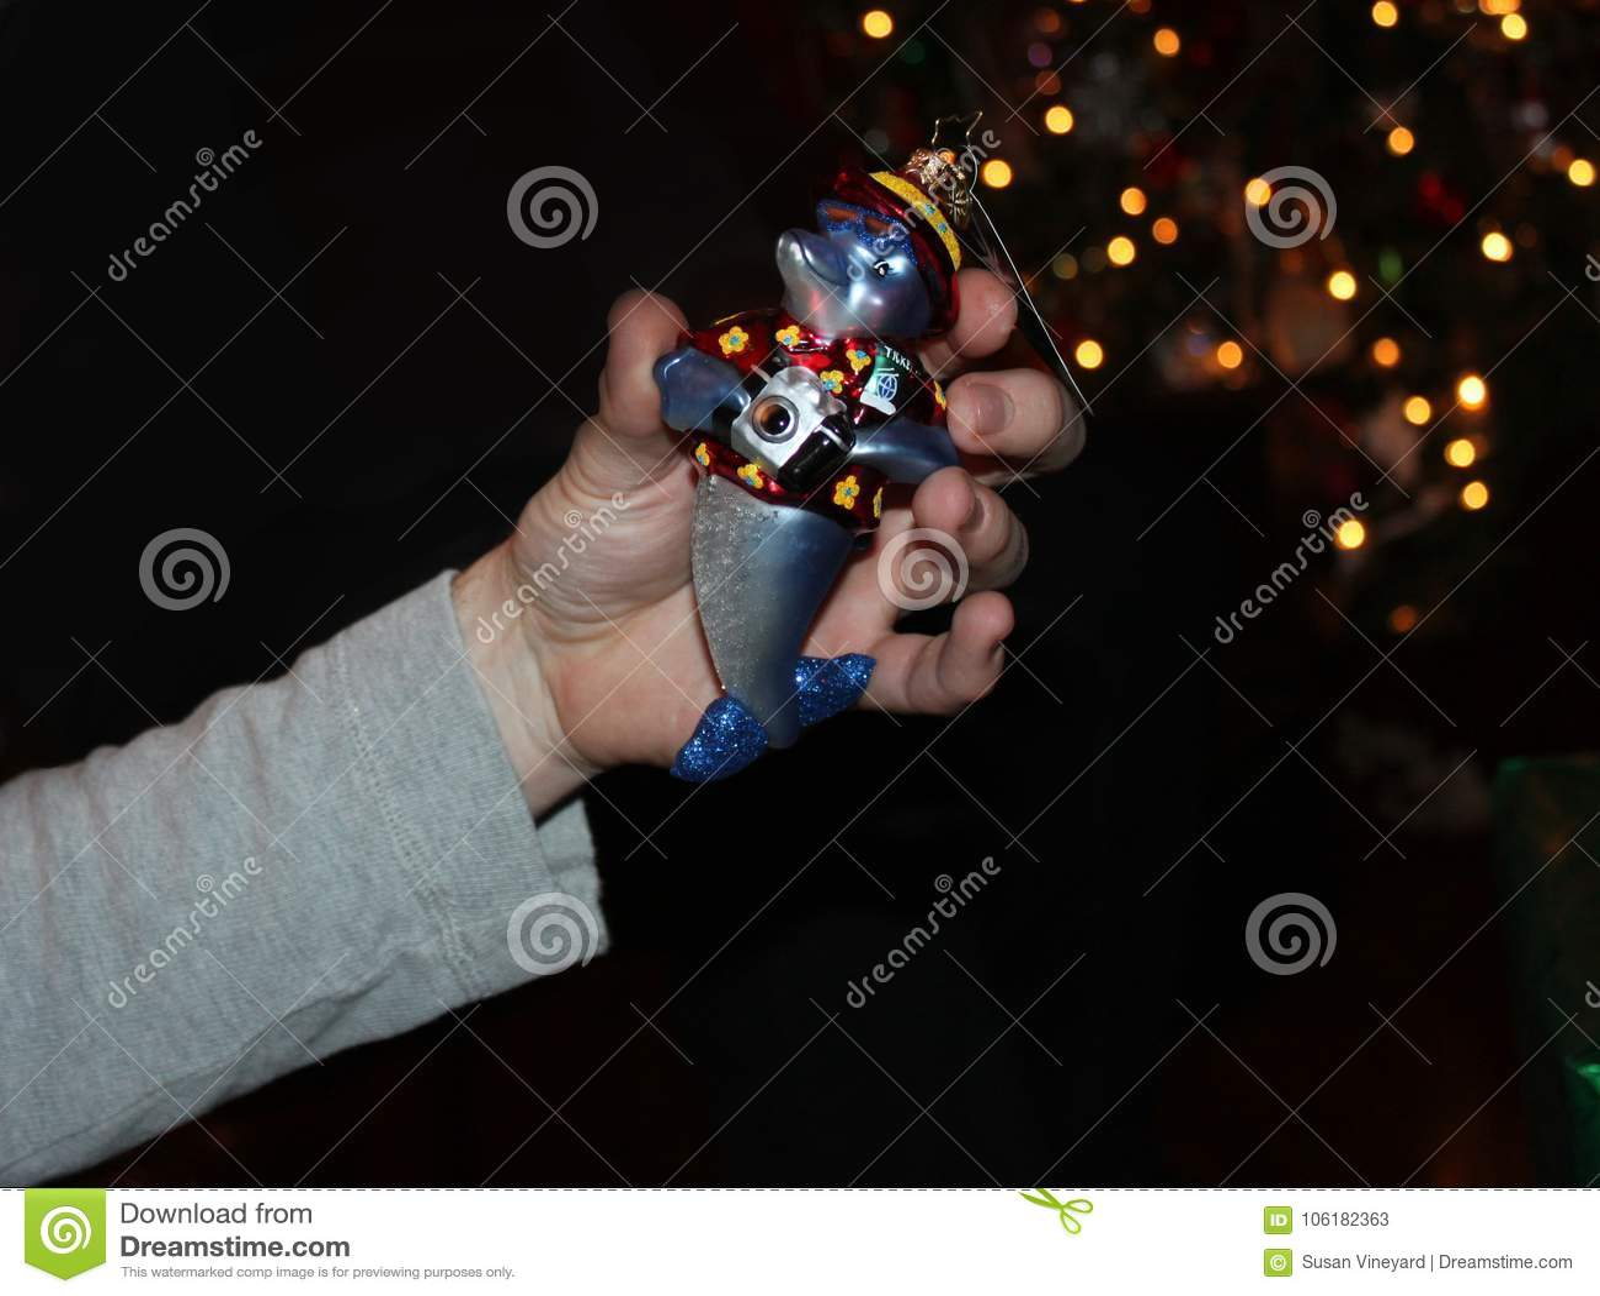 Το χέρι κρατά τη διακόσμηση χριστουγεννιάτικων δέντρων του dophin με τη κάμερα μπροστά από το χριστουγεννιάτικο δέντρο bokeh